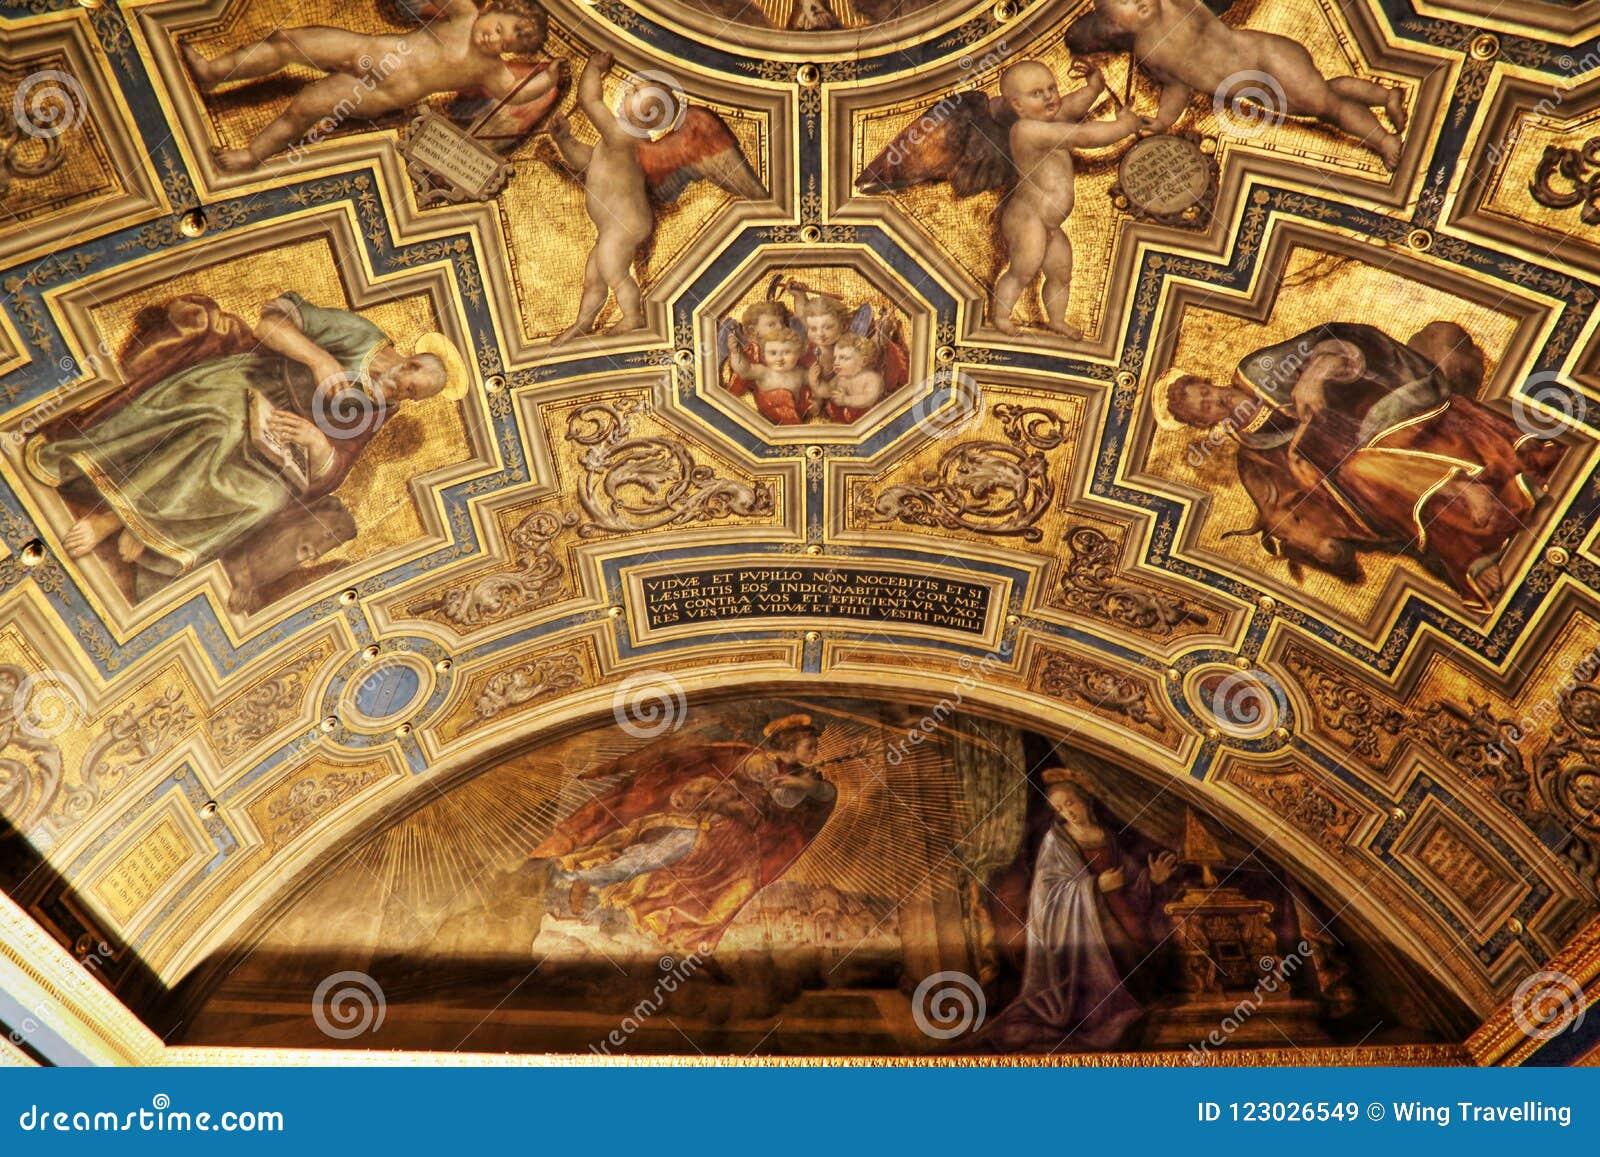 Capolavori nella galleria di Uffizi, Firenze, Italia